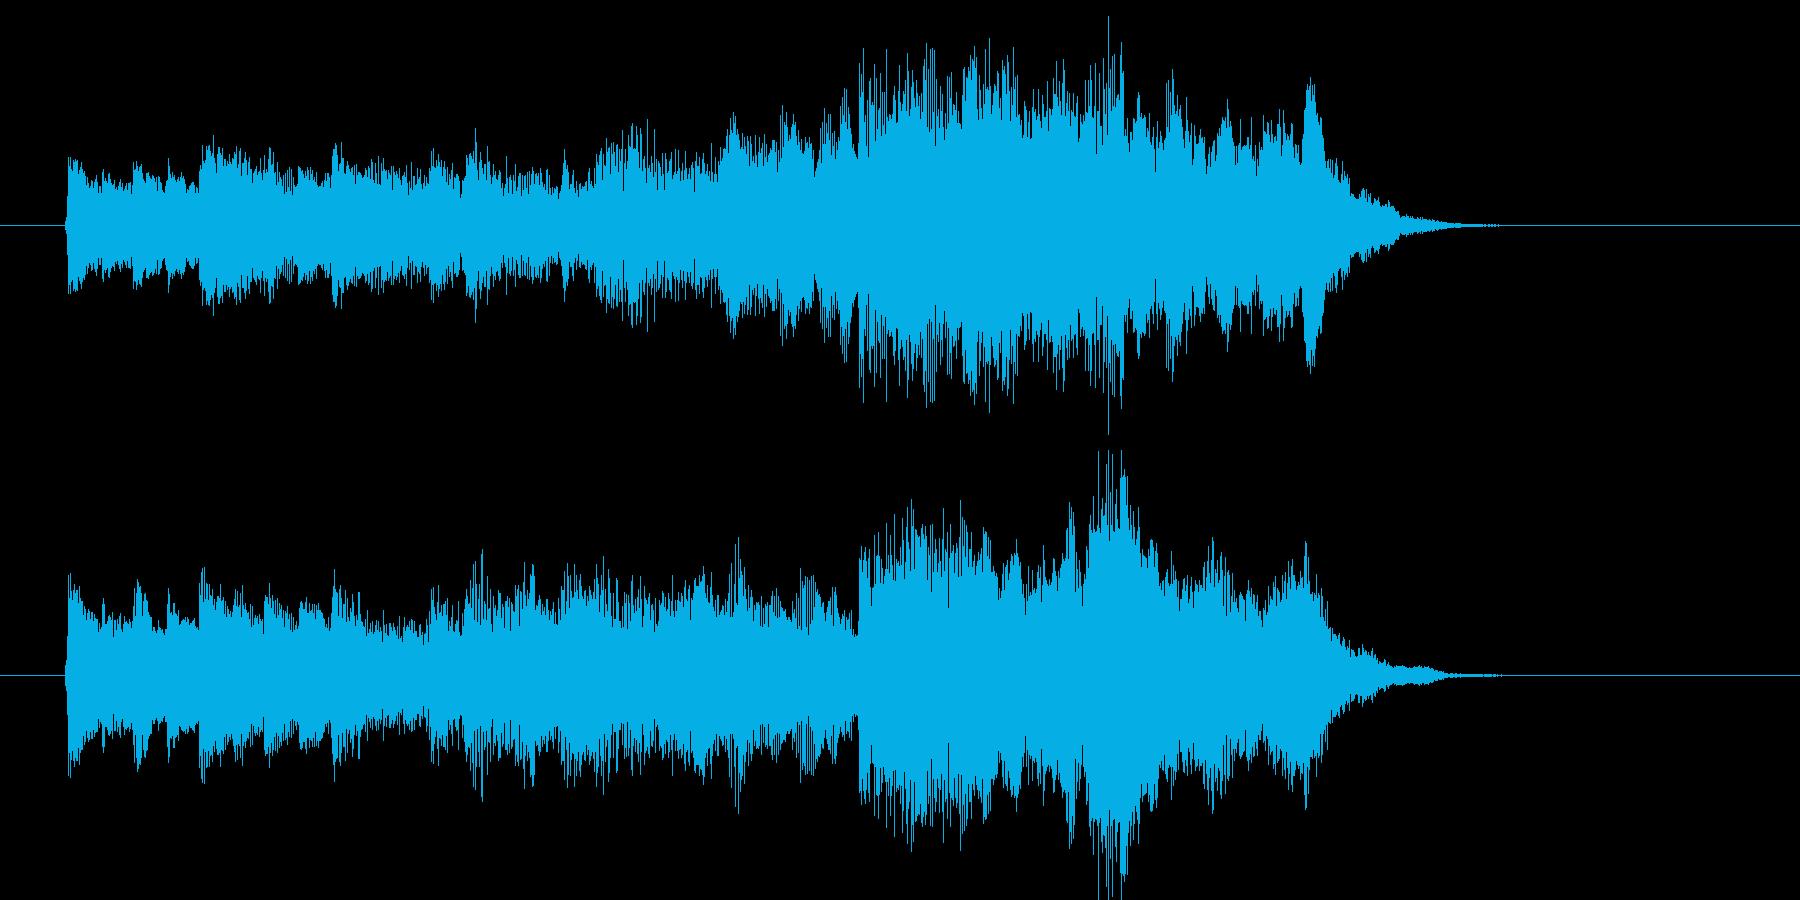 ピアノとストリングスが特徴のジングル曲の再生済みの波形